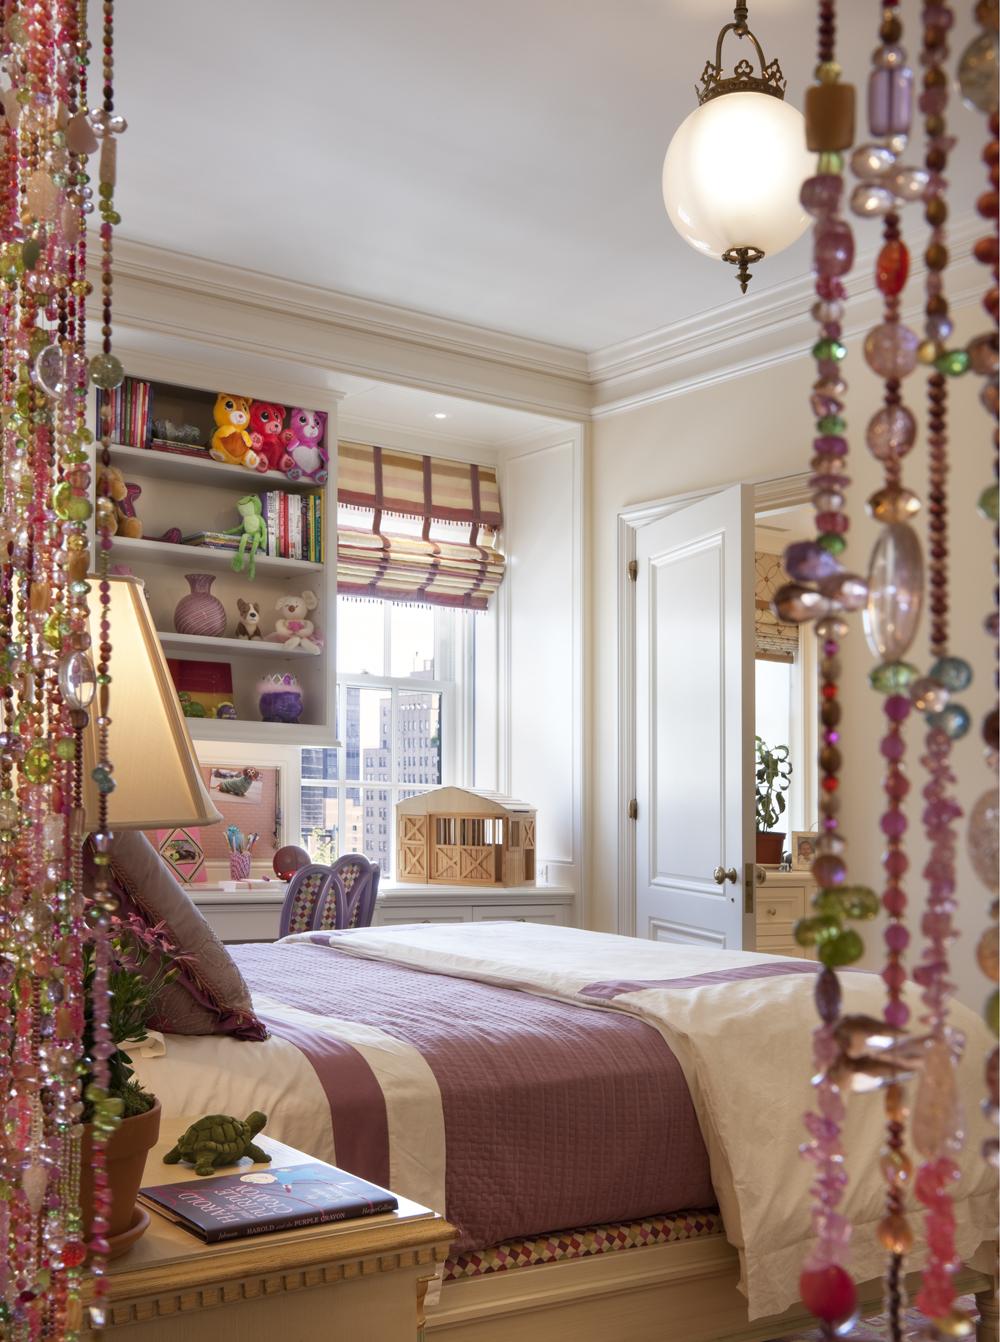 LSI-web-fifth-ave-interior-bedroom-5.jpg